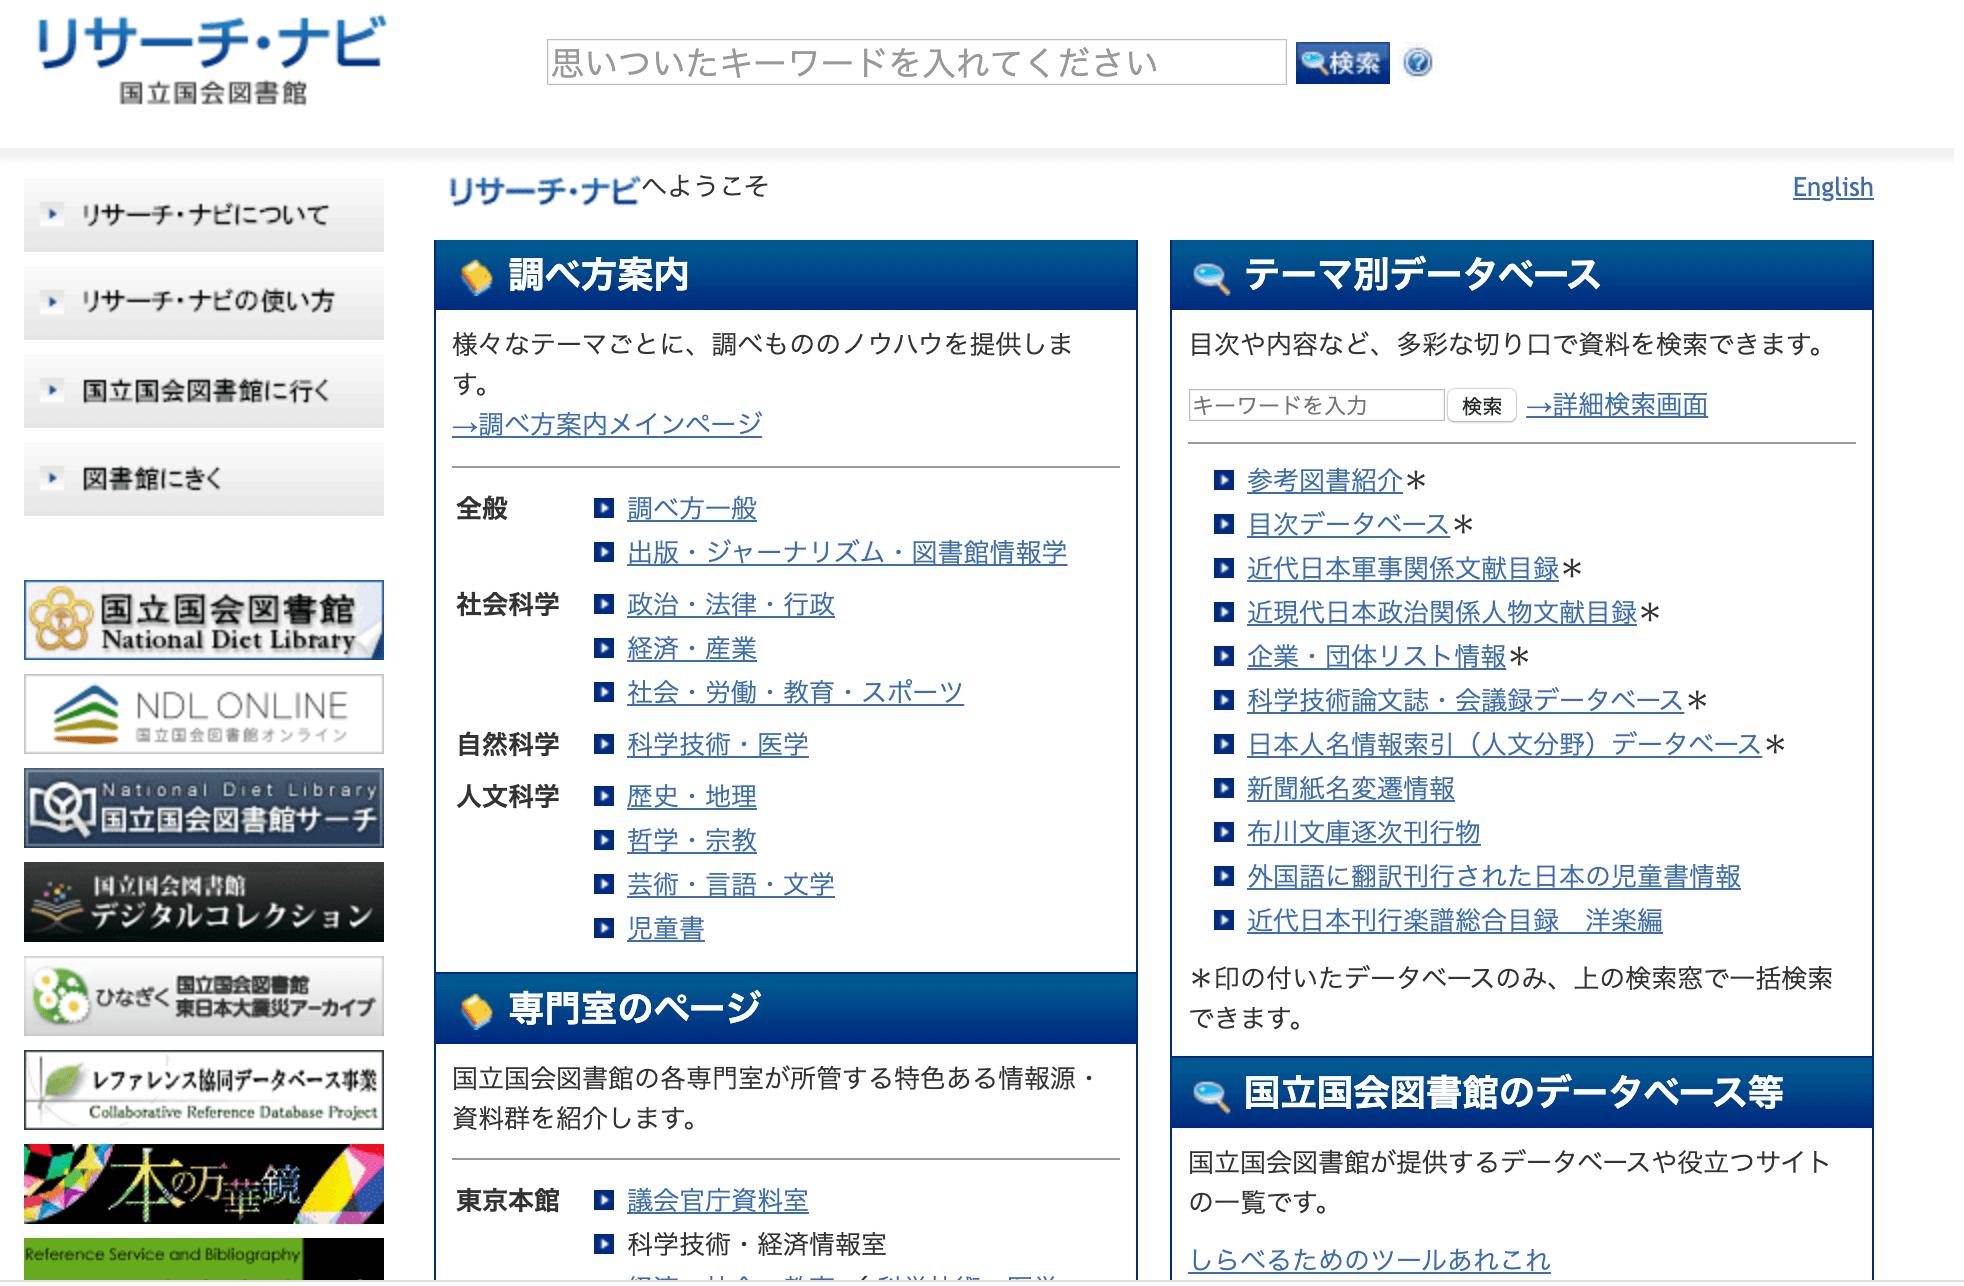 リサーチ・ナビのトップページの画像